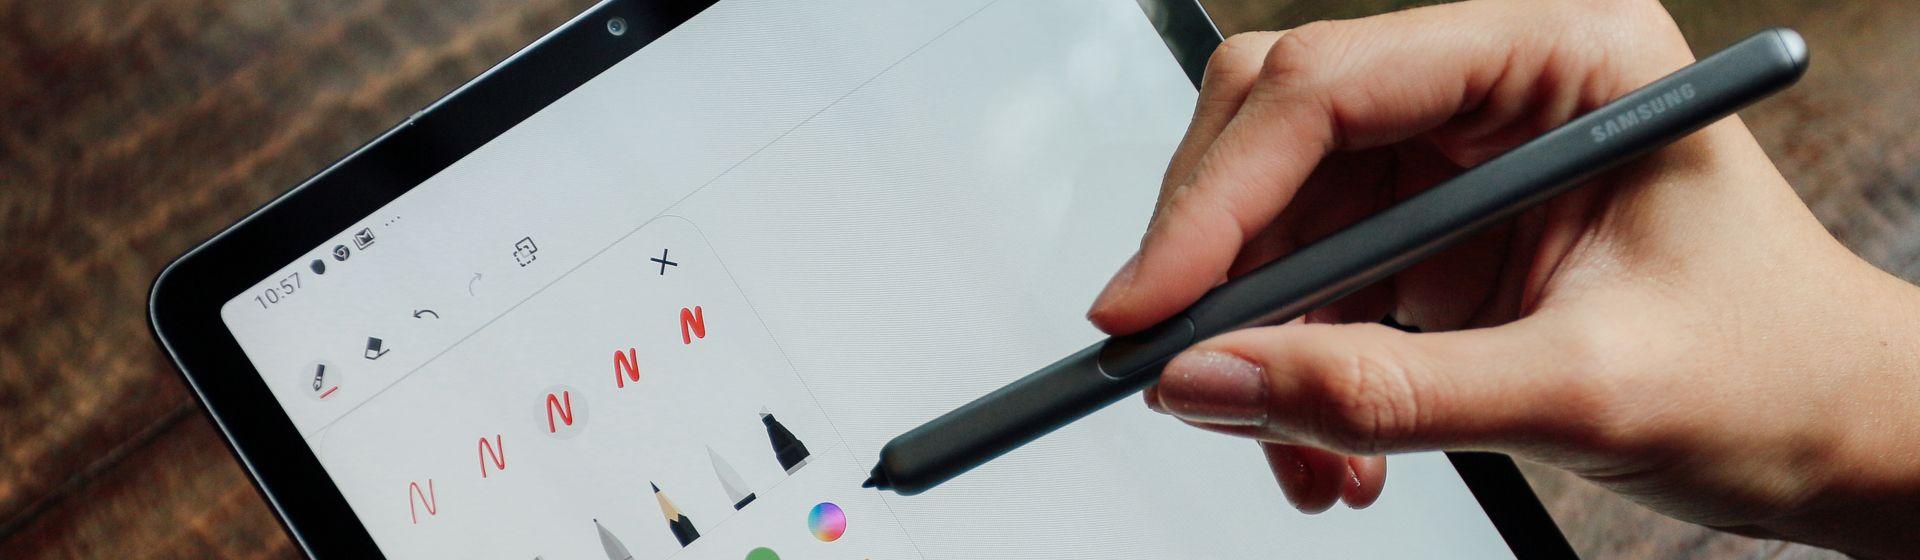 Galaxy Tab s6 Lite: um tablet intermediário com suporte a S Pen